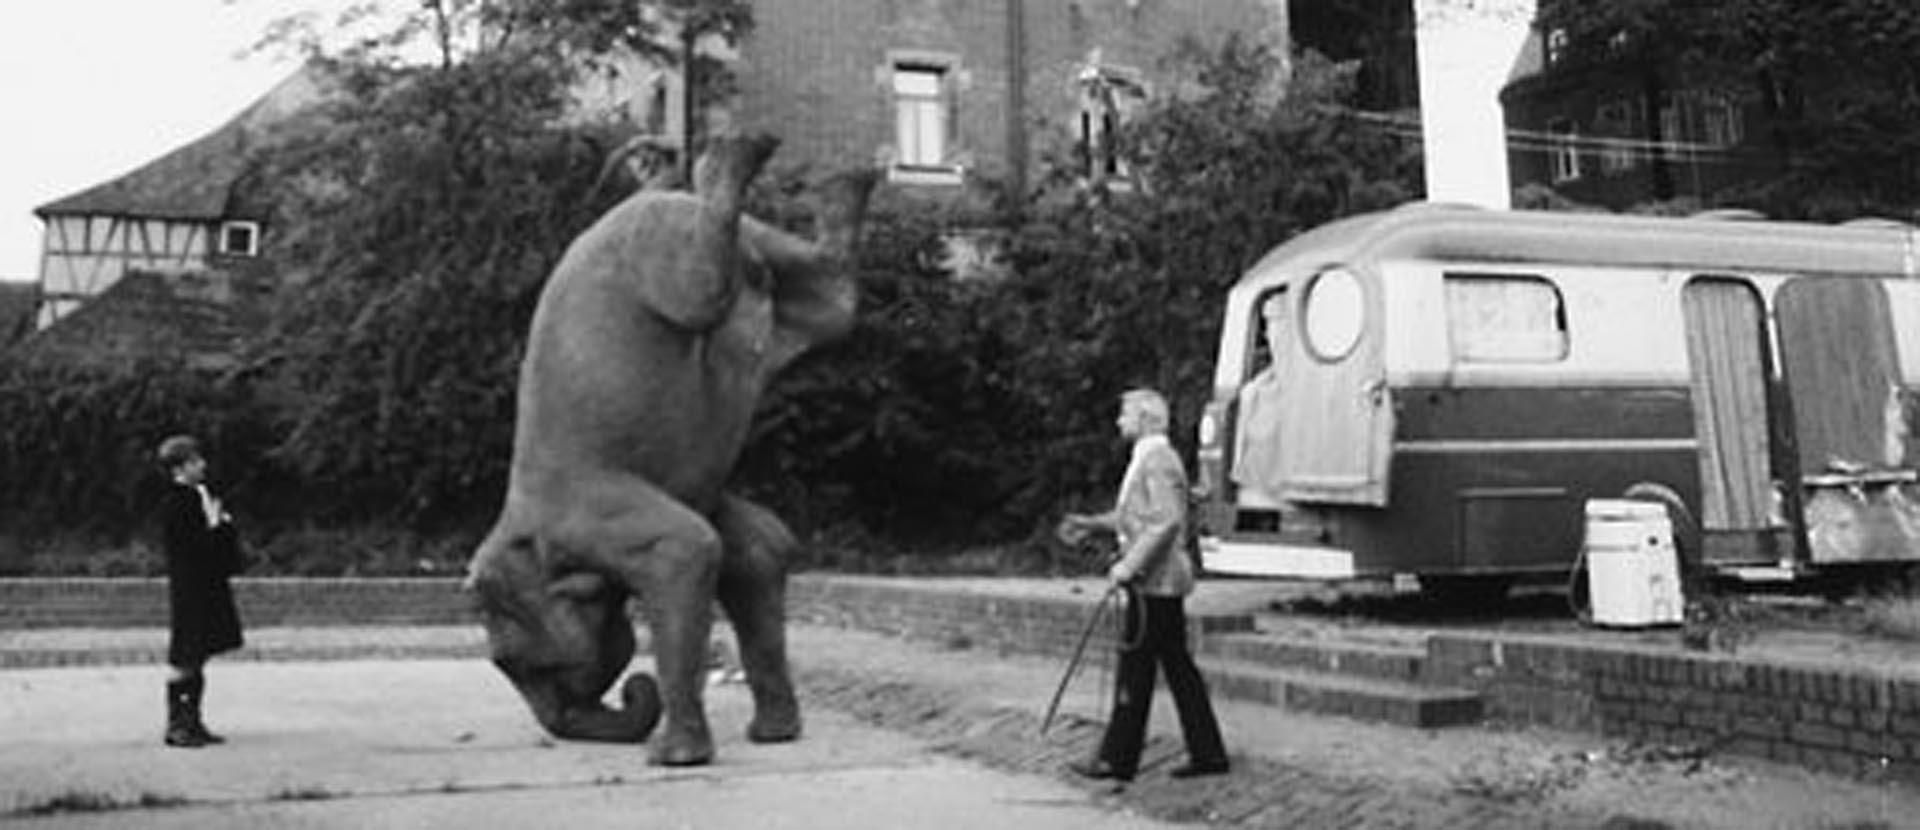 Los artistas bajo la carpa del circo: perplejos